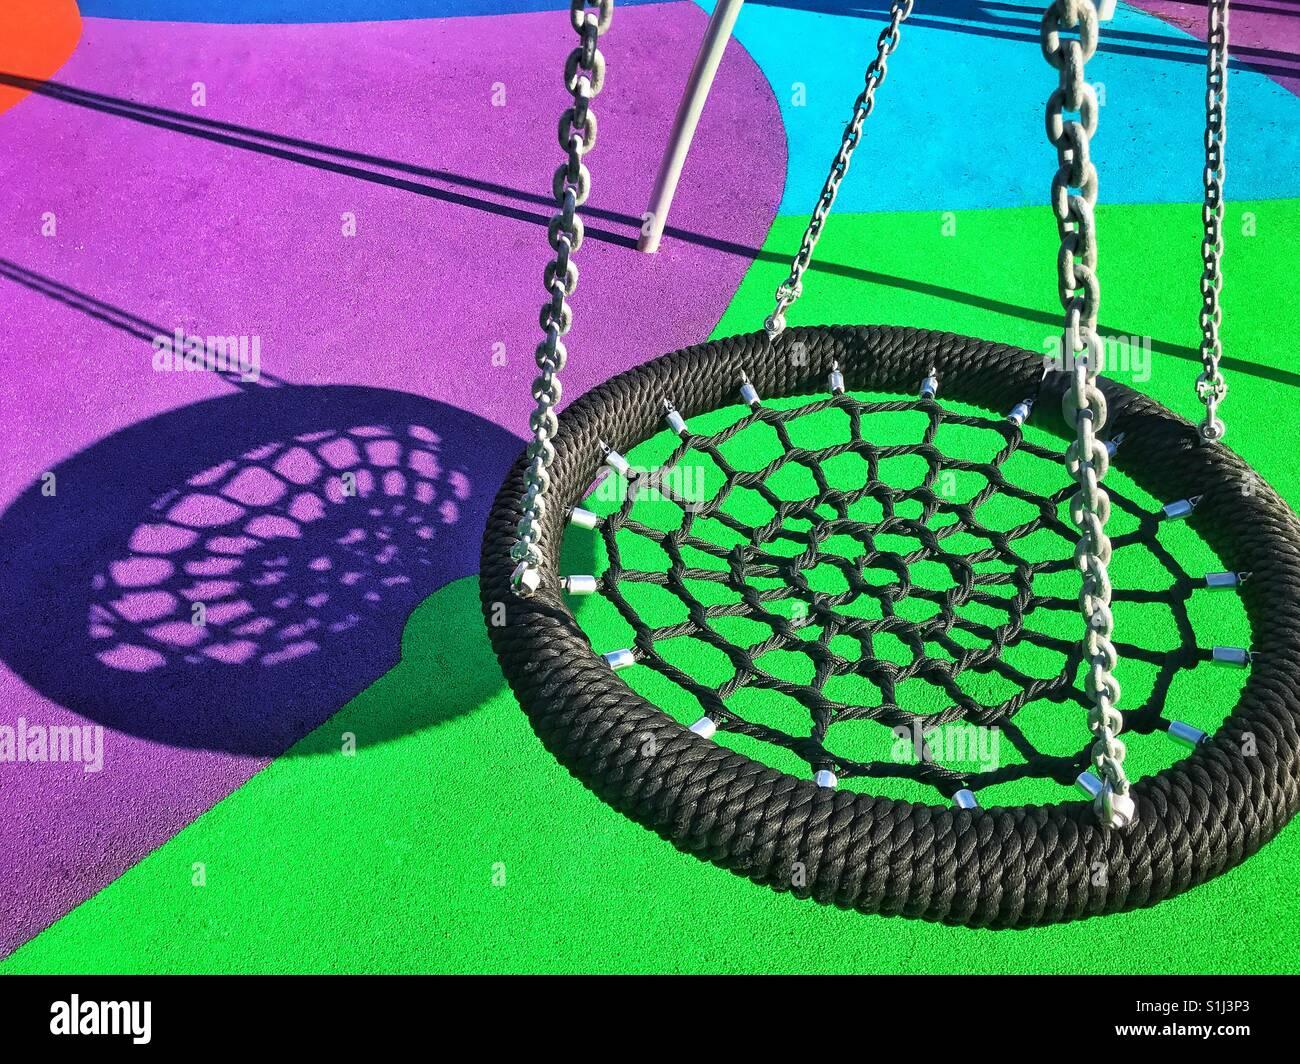 Un columpio infantil cuelga discretamente en una nueva y colorida zona de juegos. Es una tarde de verano y se crean Imagen De Stock